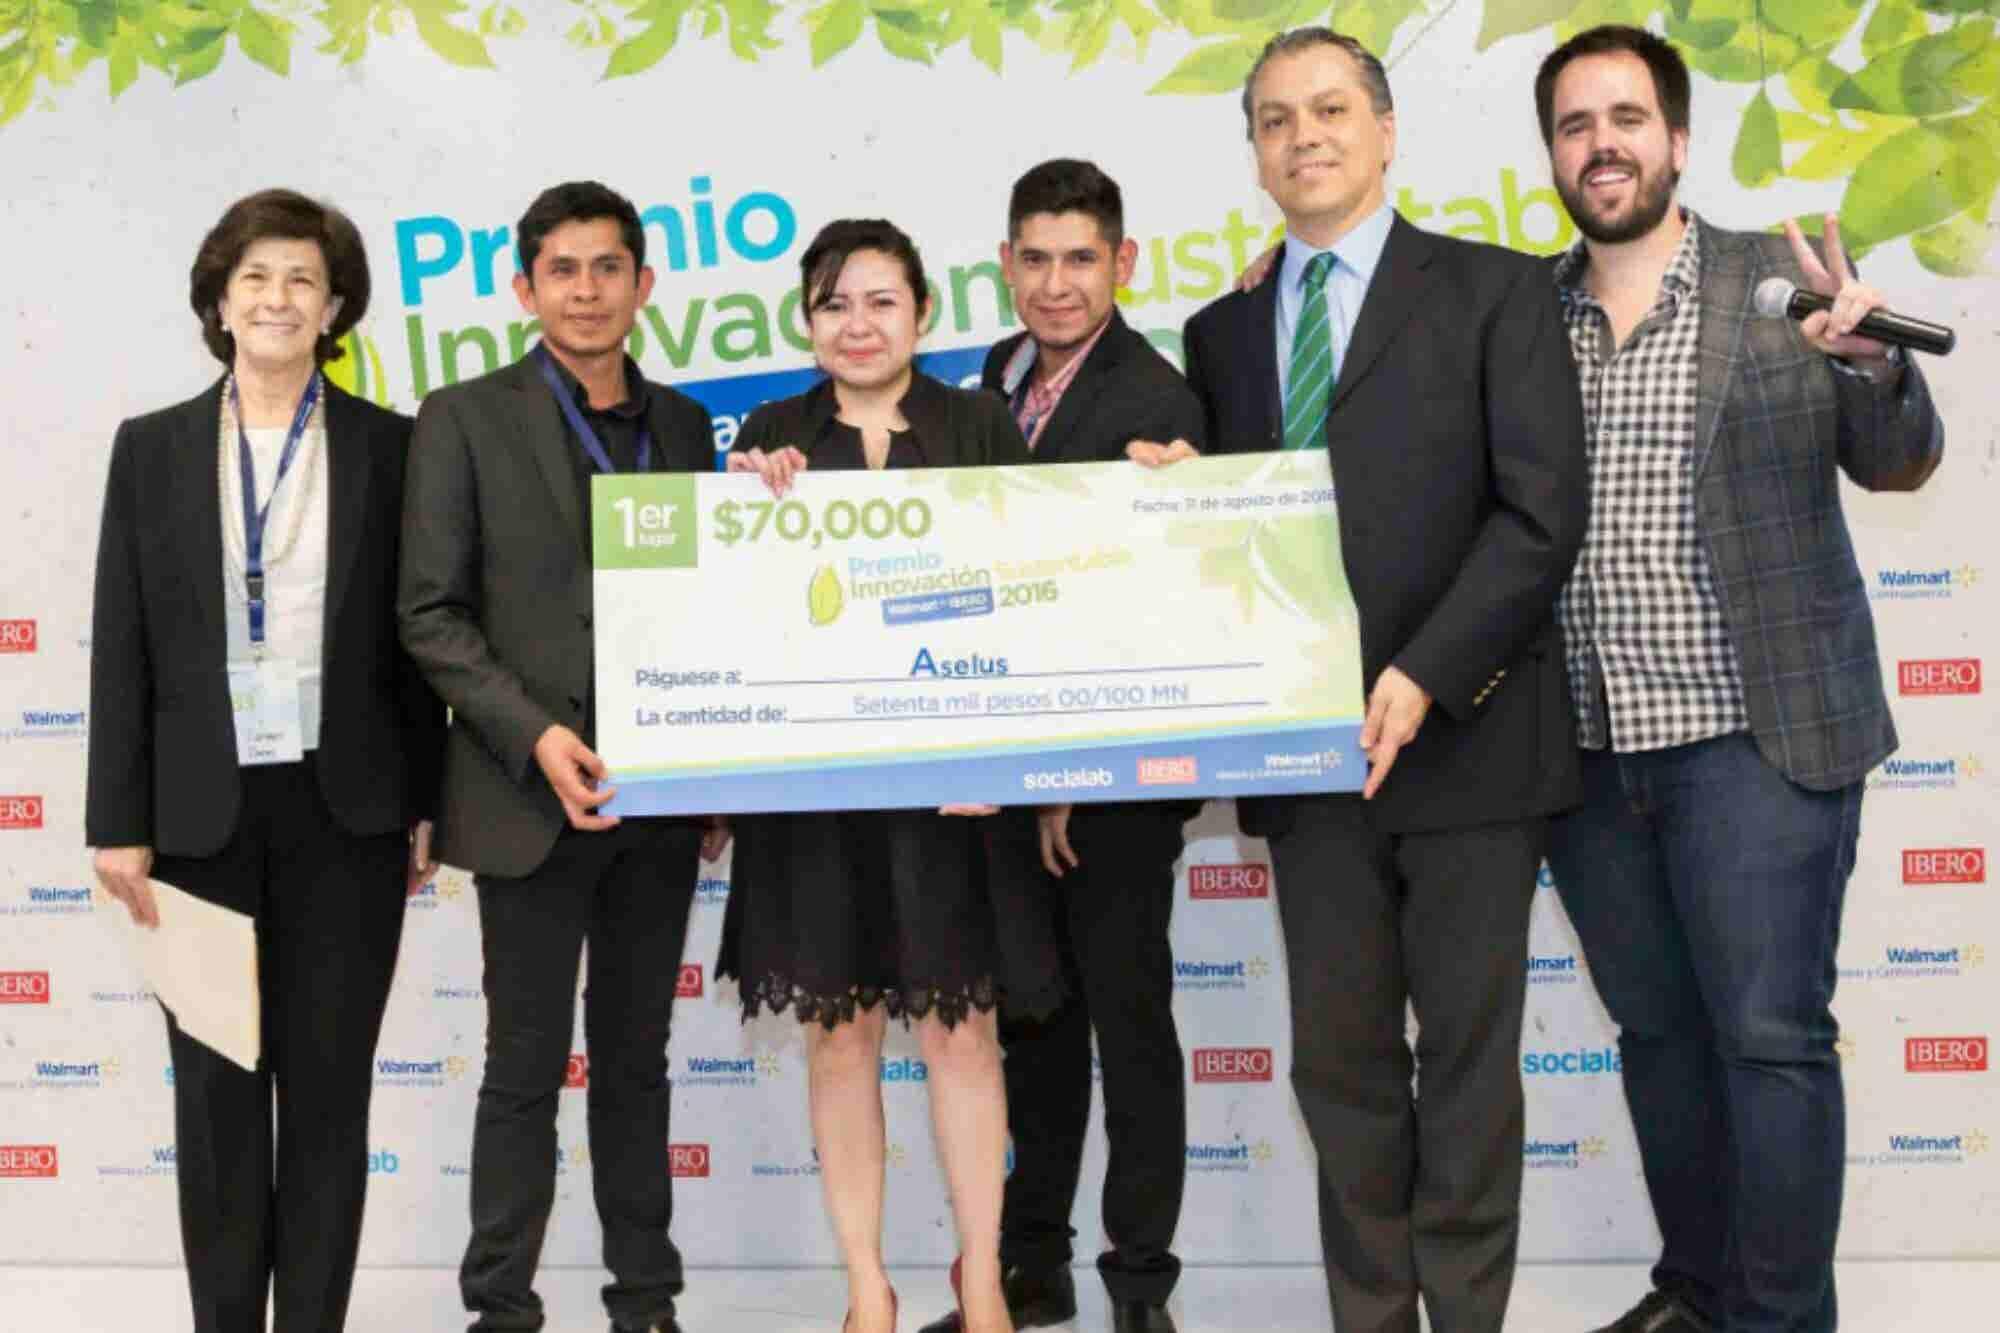 ¿Tienes una idea para ayudar al mundo? Walmart y Socialab buscan apoyar proyectos sustentables